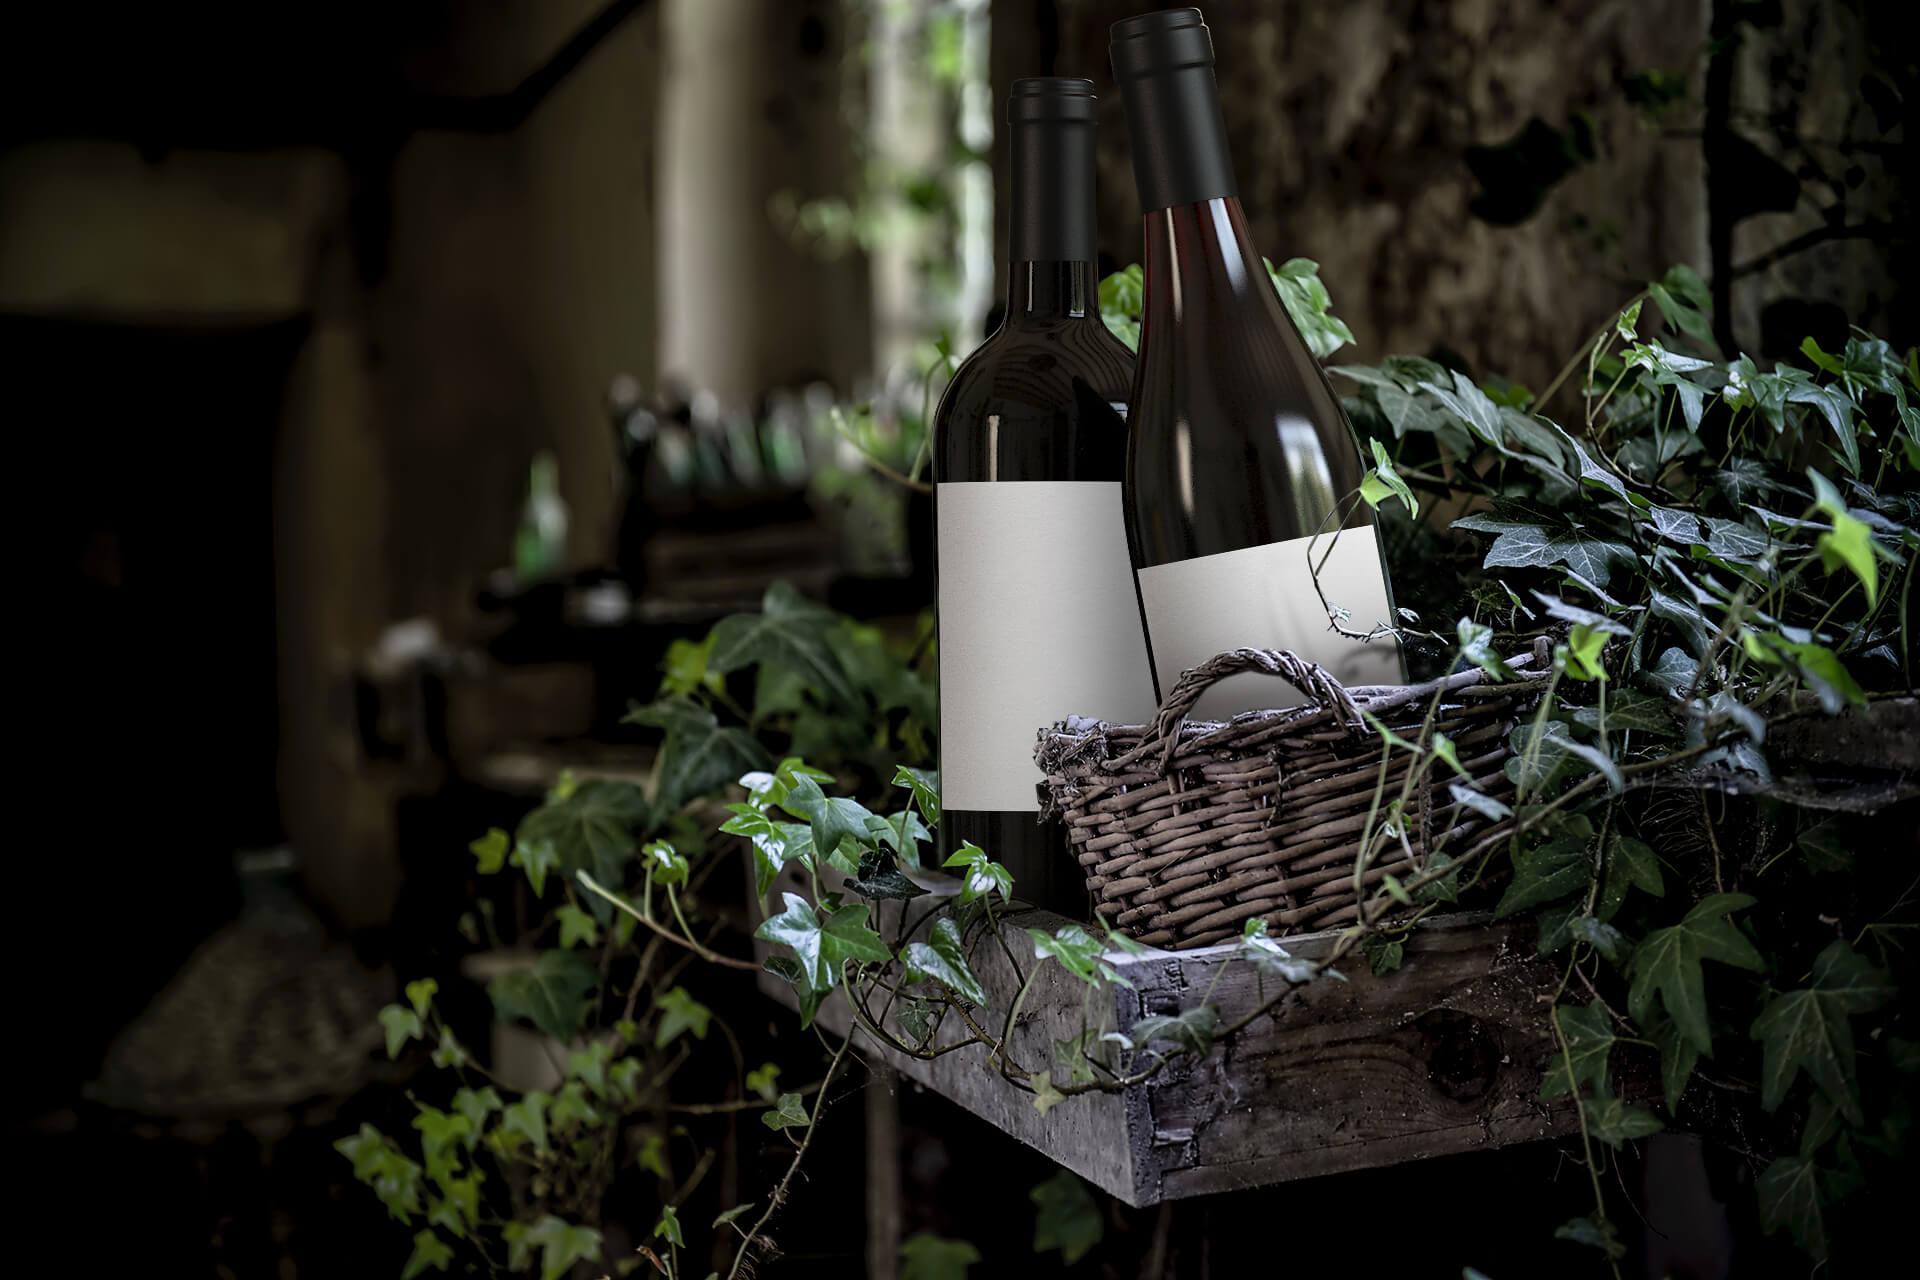 Overgrown vines